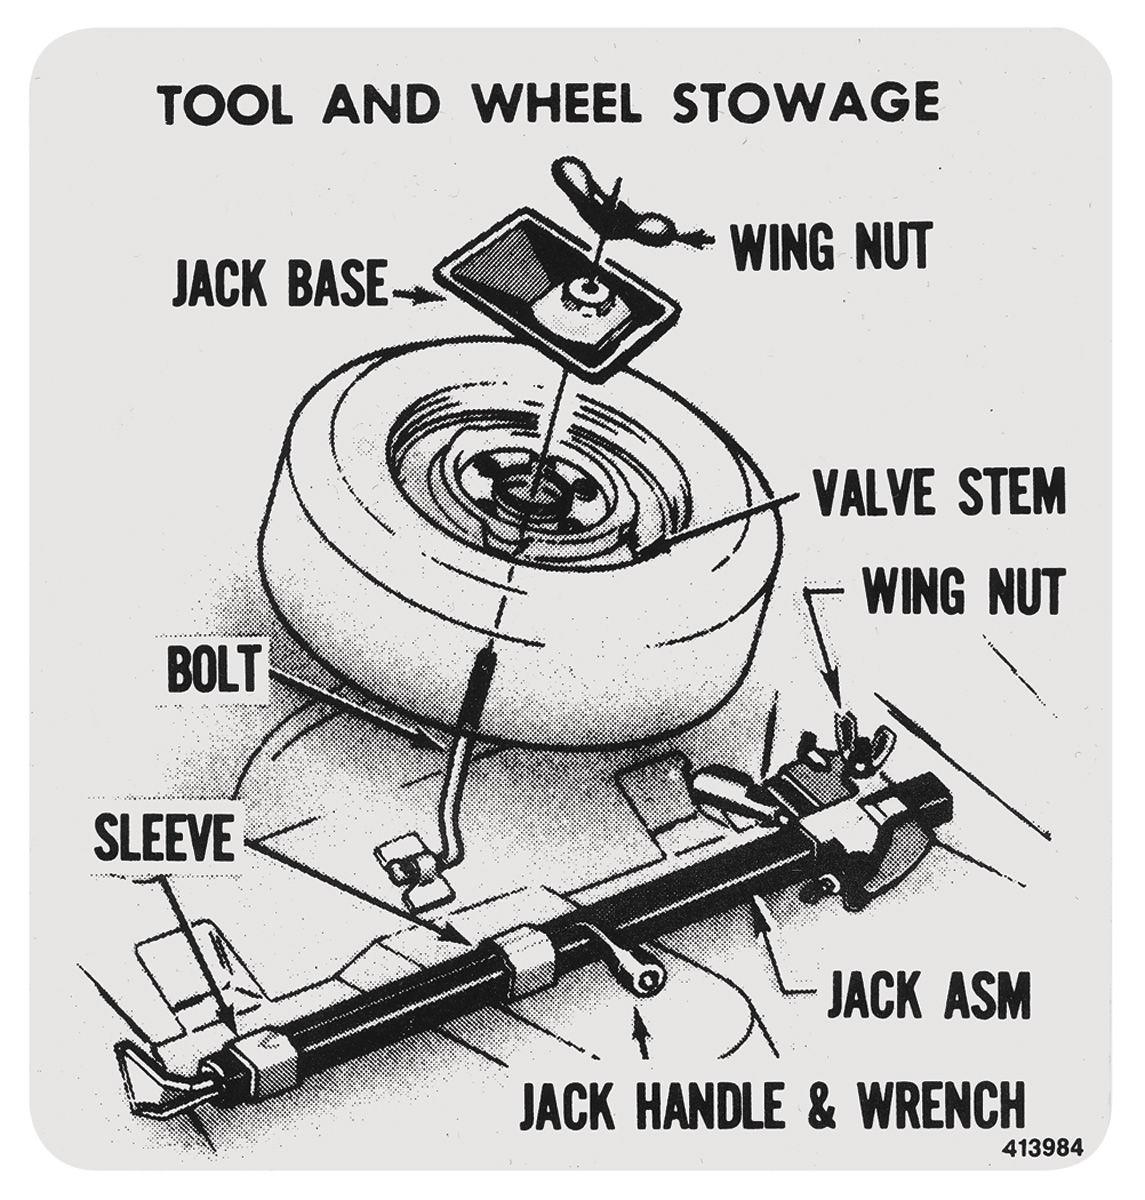 Decal, 1973-77 Cutlass, Tire Stowage w/ Standard Wheels